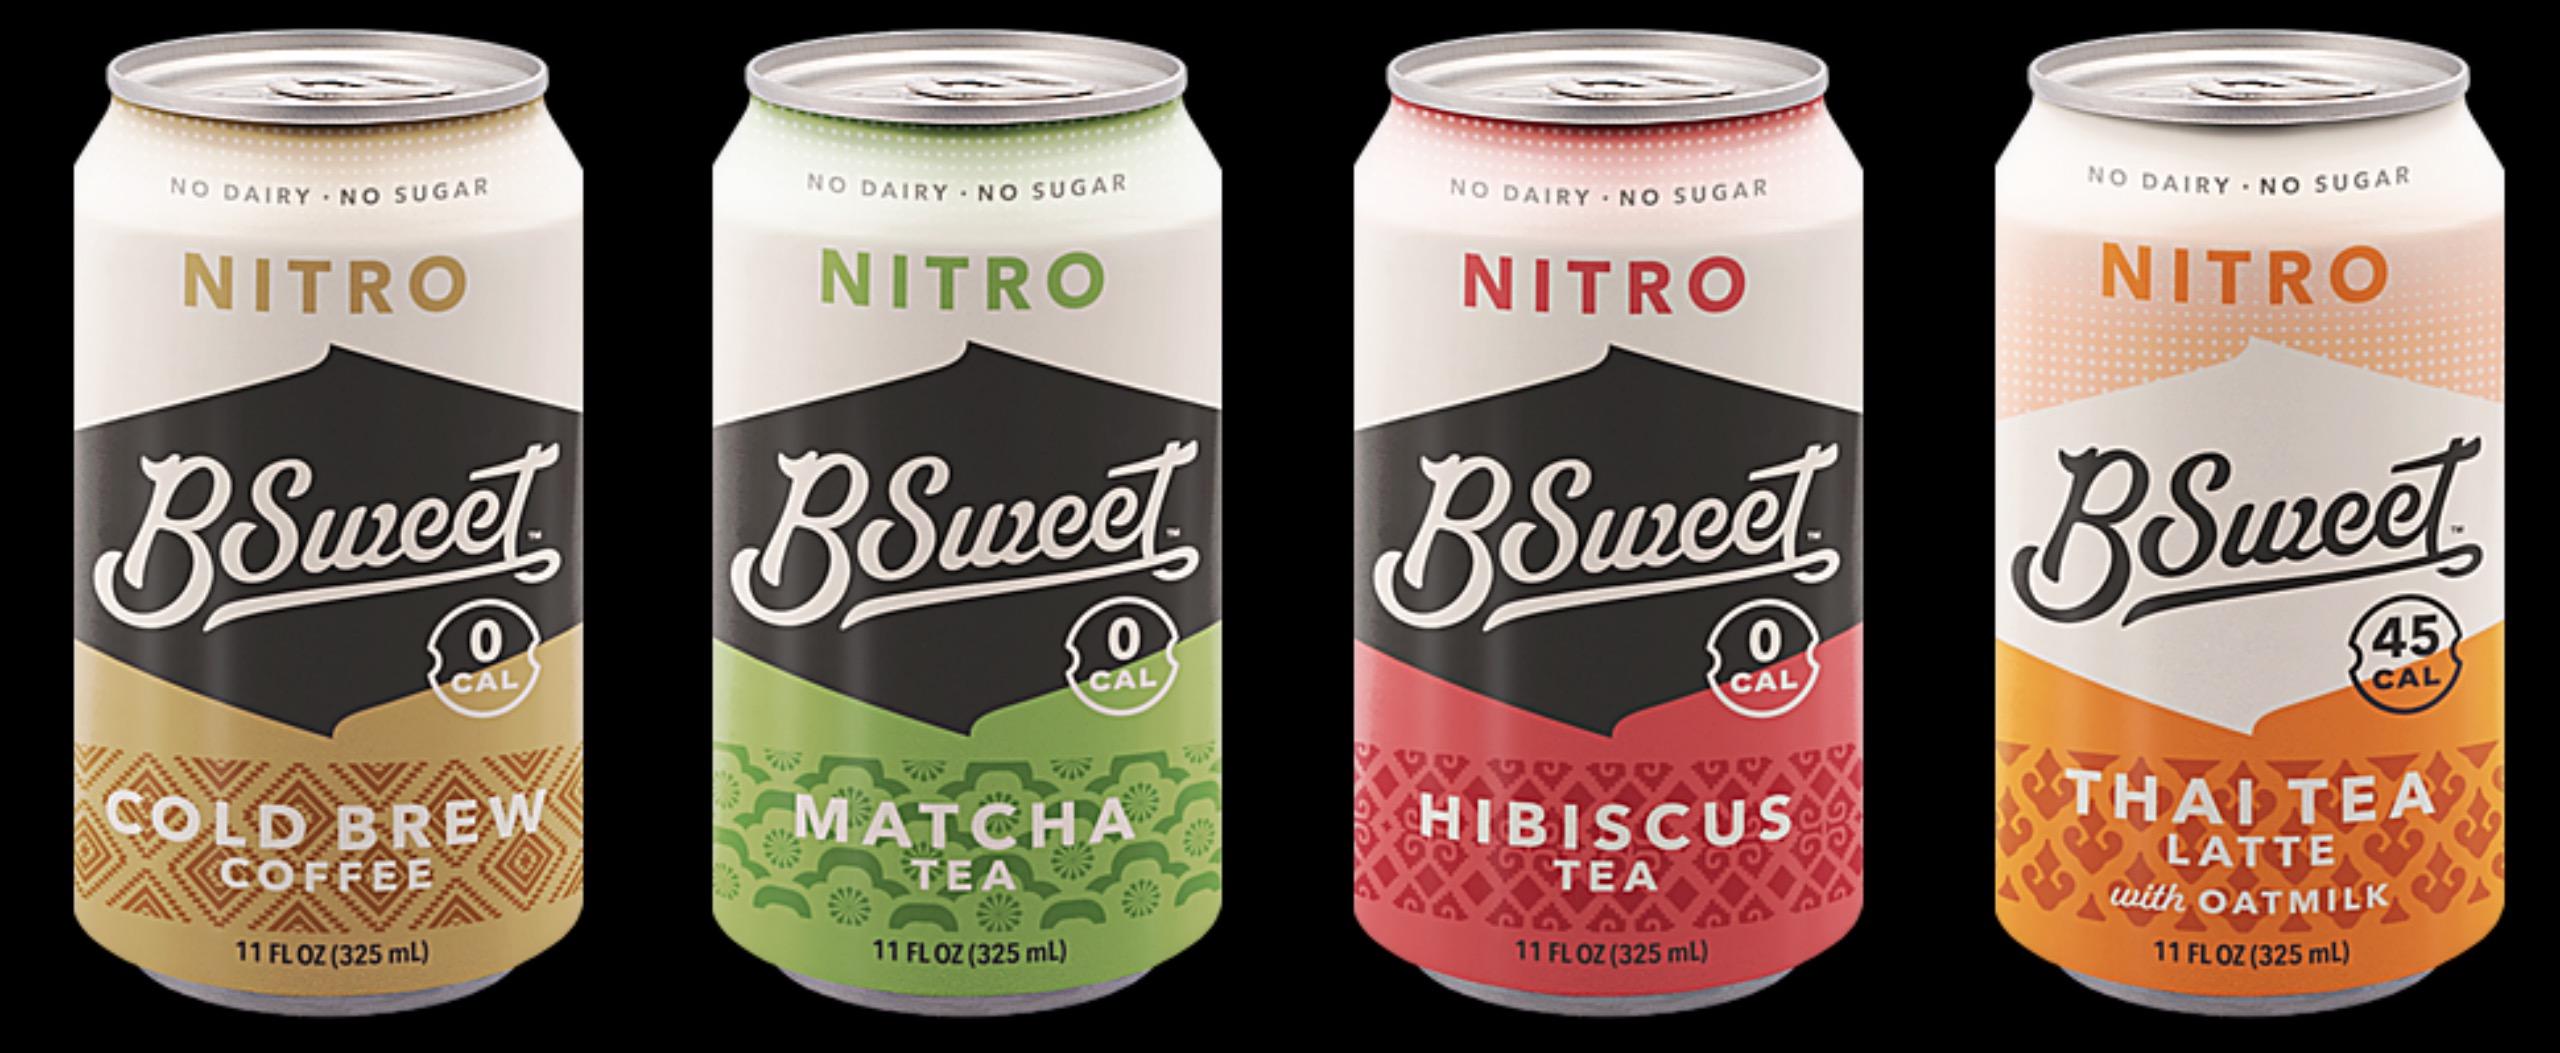 nitro-beer2.jpeg